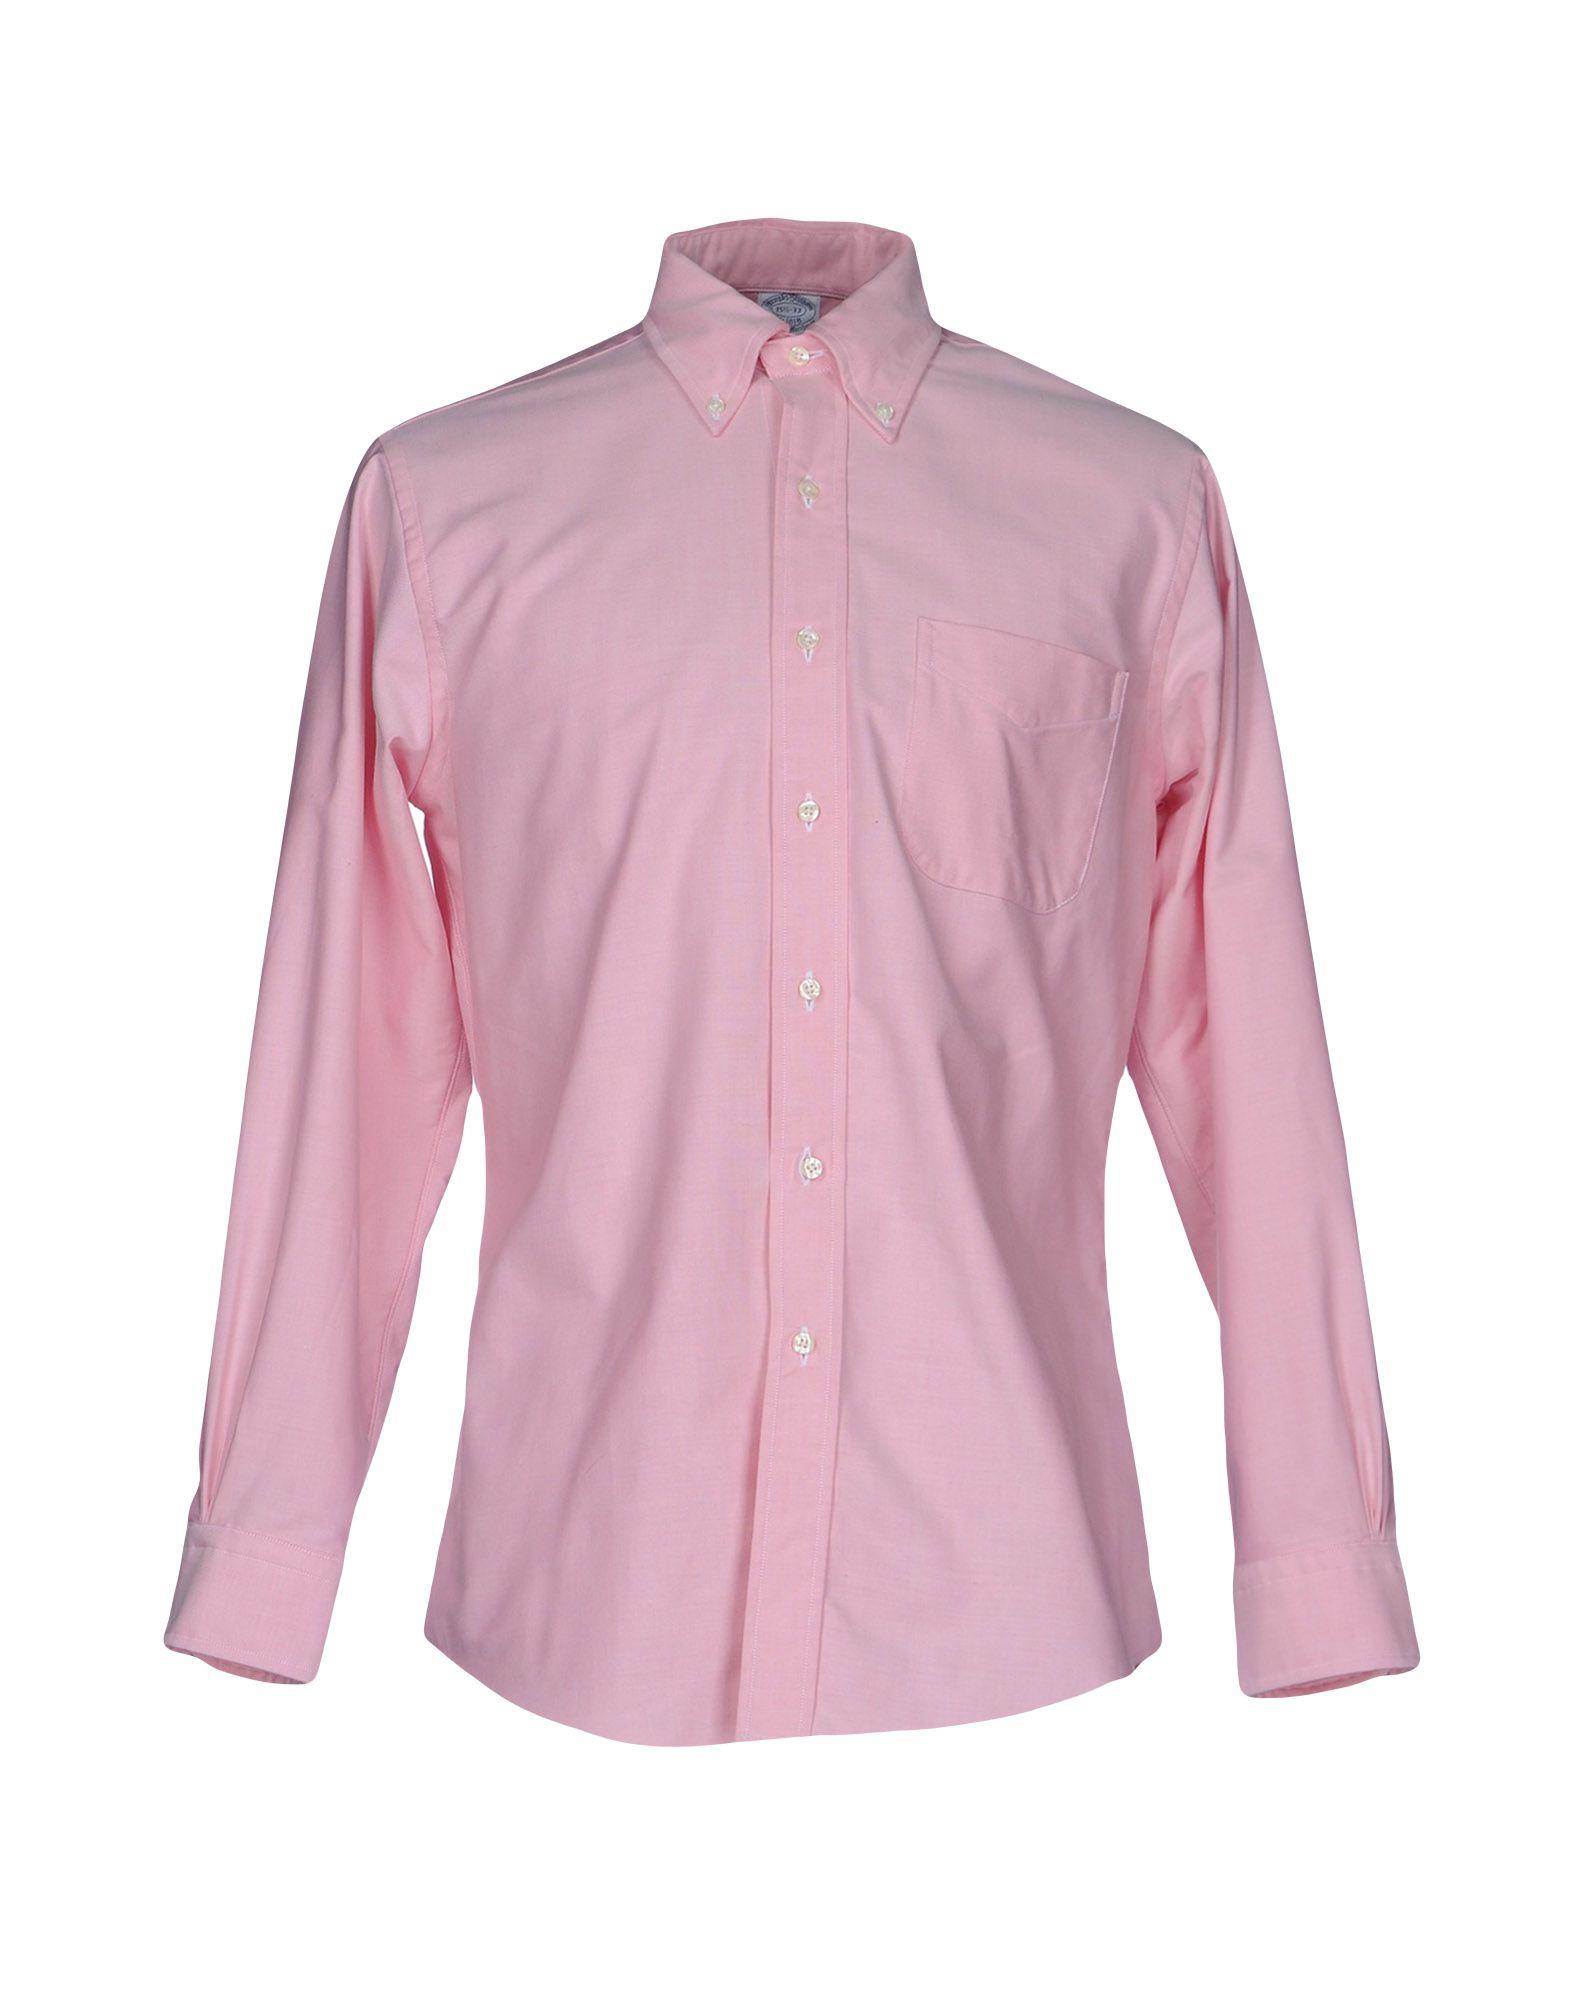 メンズ BROOKS BROTHERS シャツ ピンク